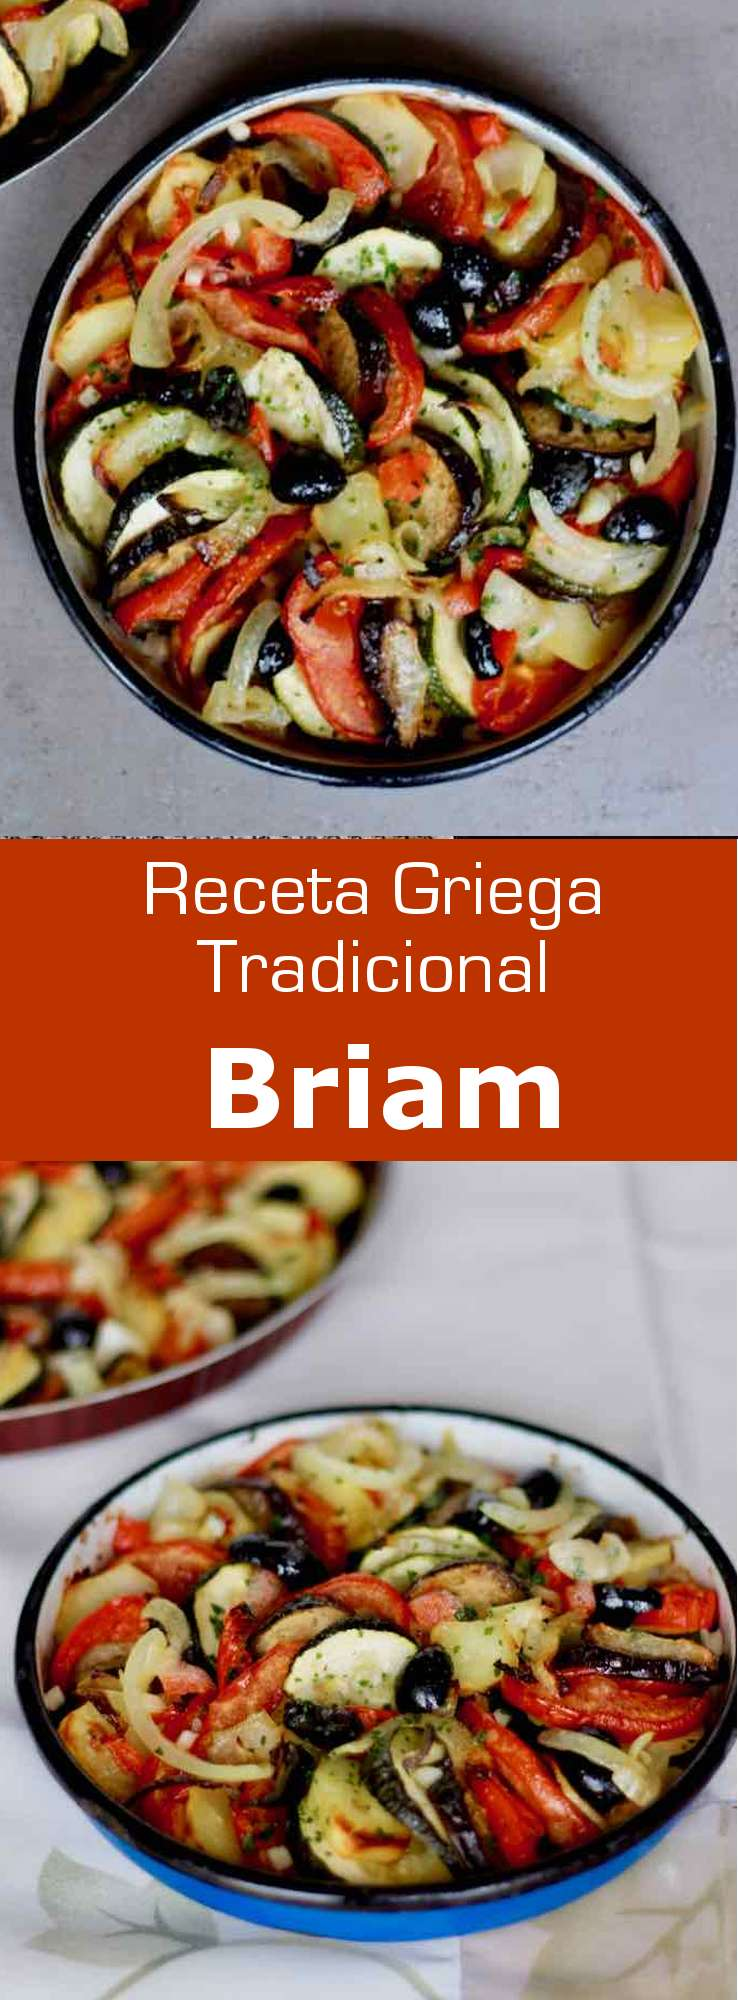 El briam es un plato tradicional de la cocina griega que se prepara con verduras de verano horneadas, que se parece a la ratatouille francesa.